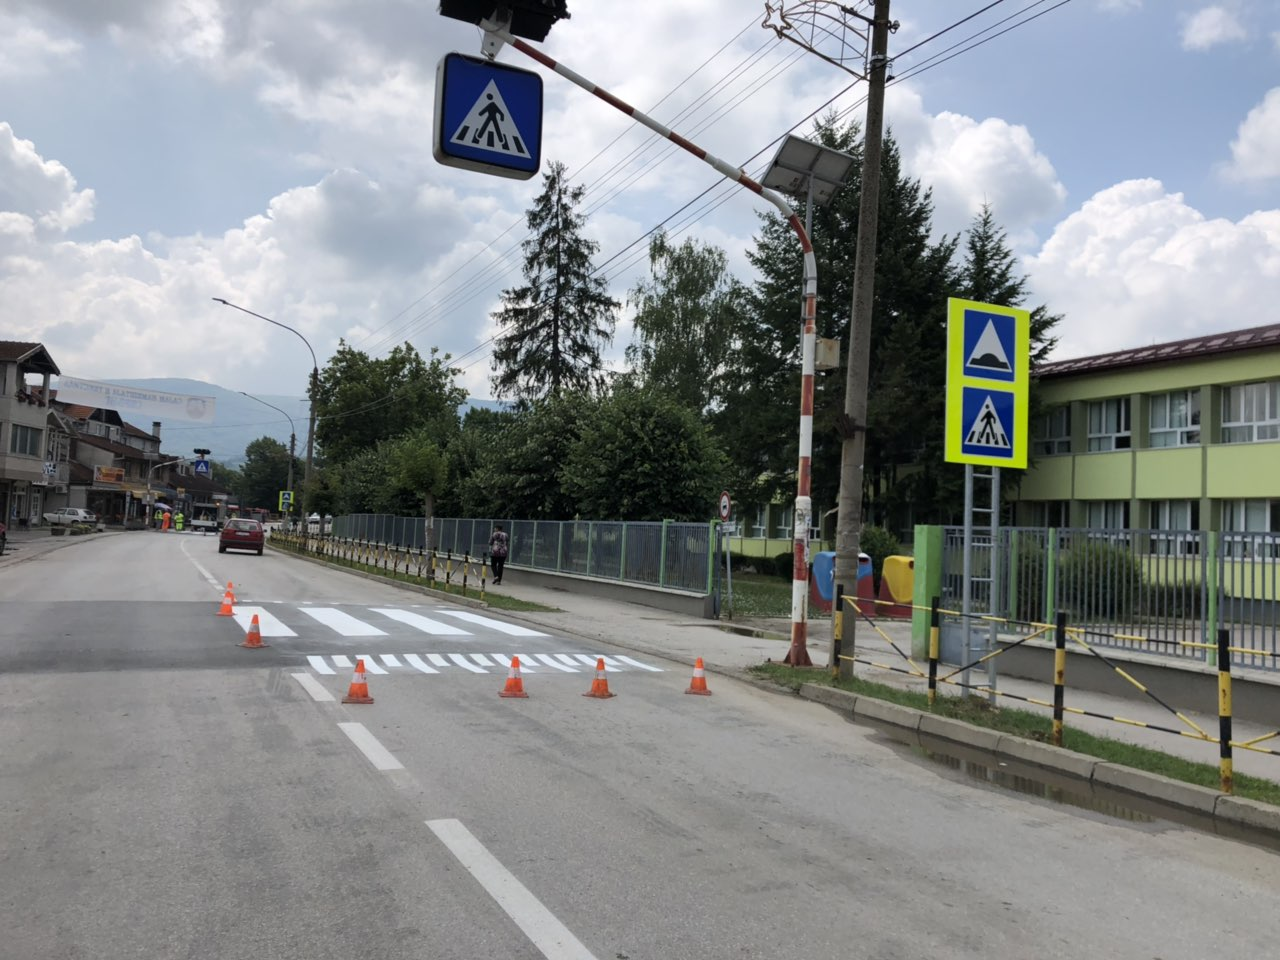 Završeno obeležavanje saobraćajnica kroz Svrljig